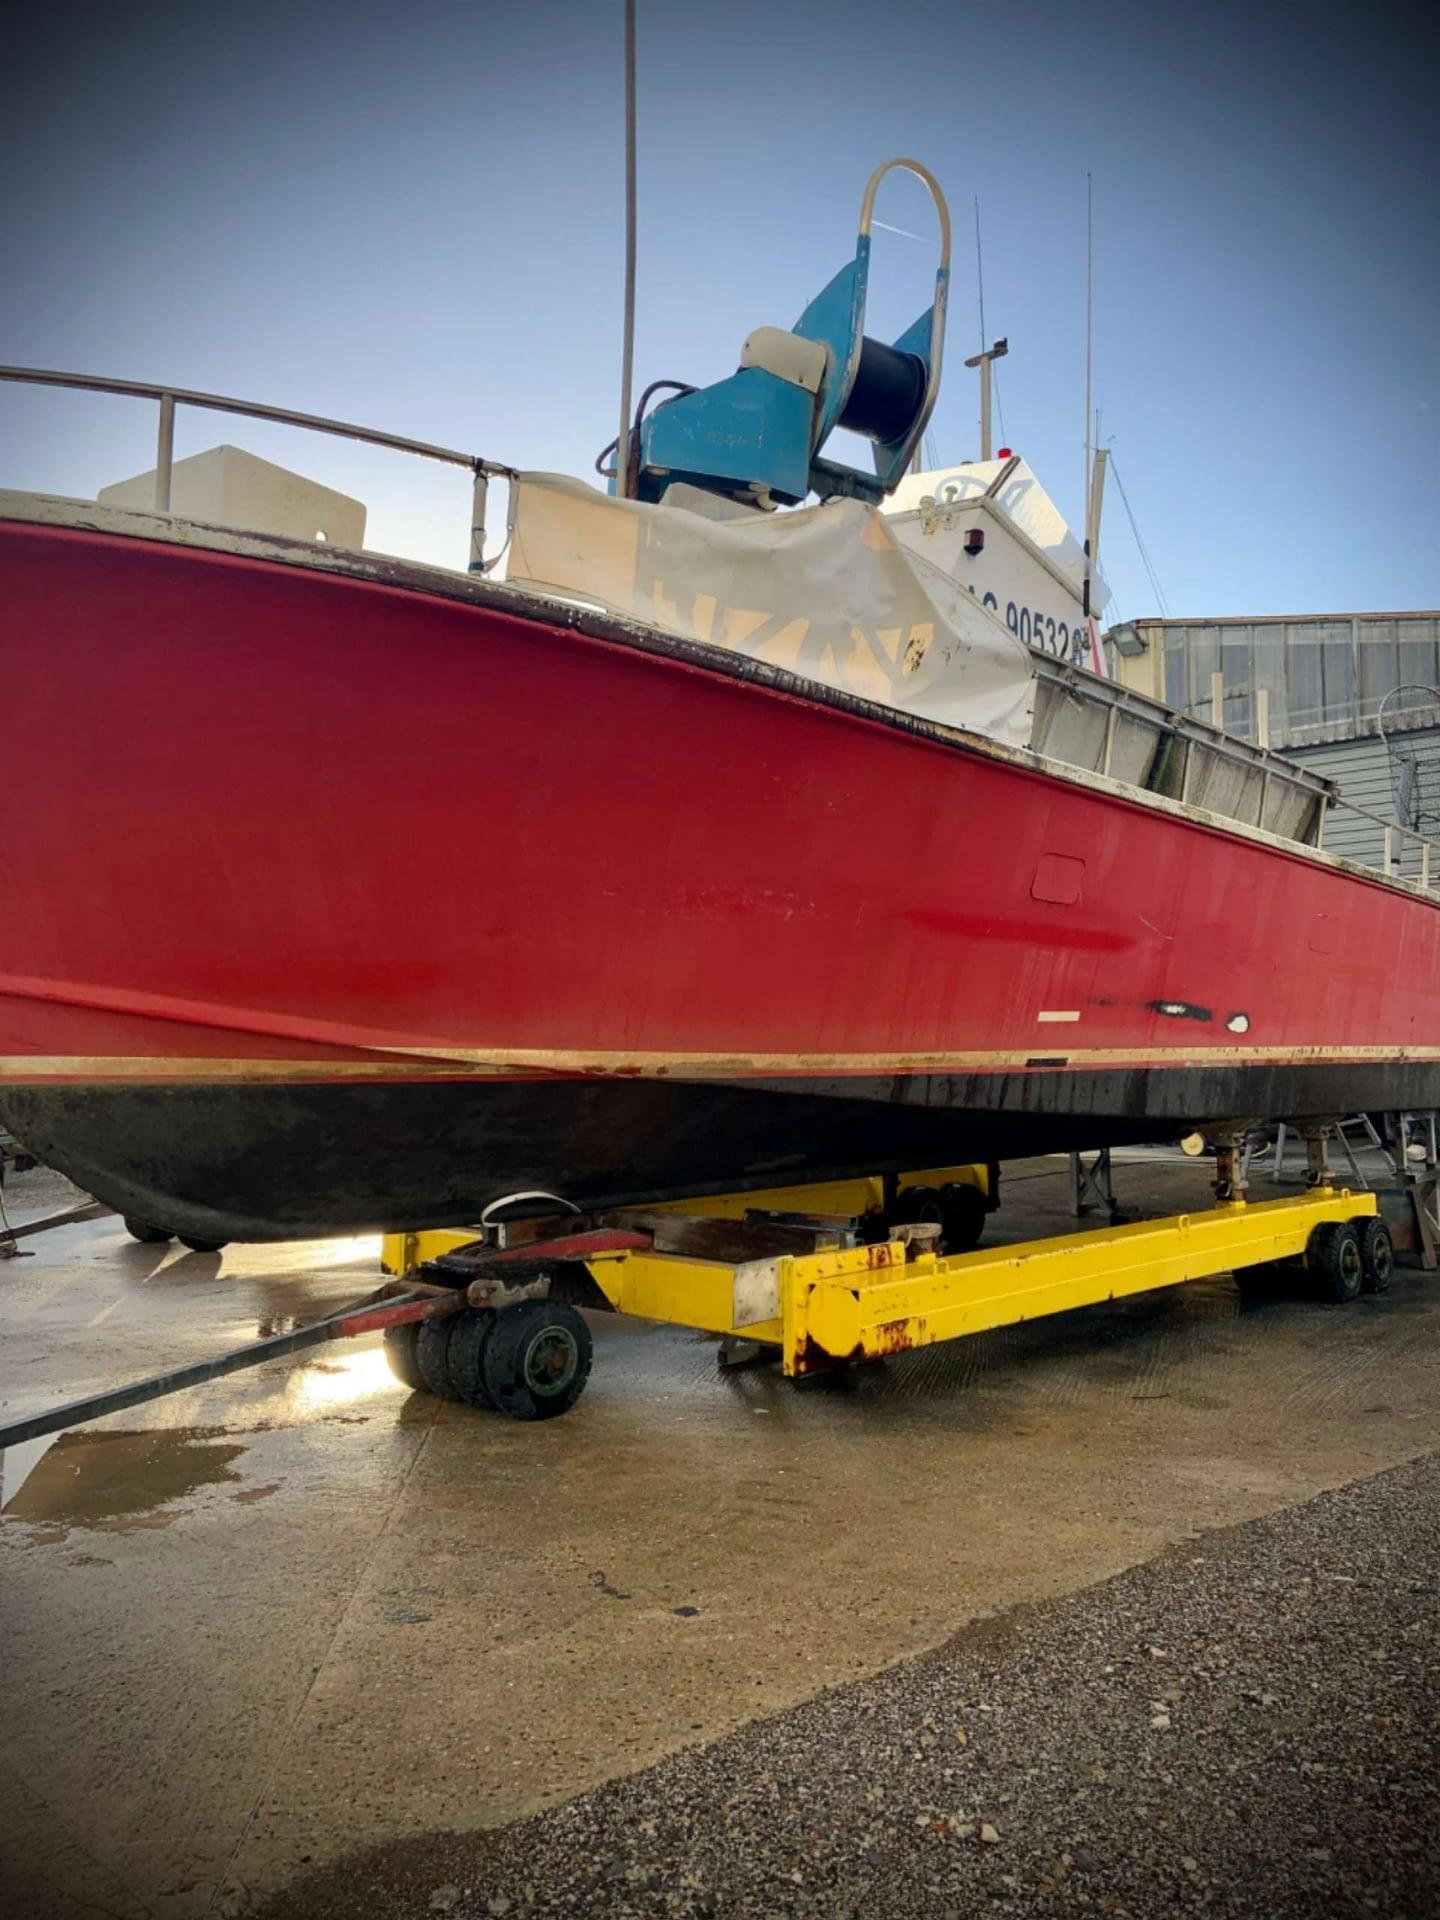 décapage de coque de bateau à Biganos - bassin D'arcachon